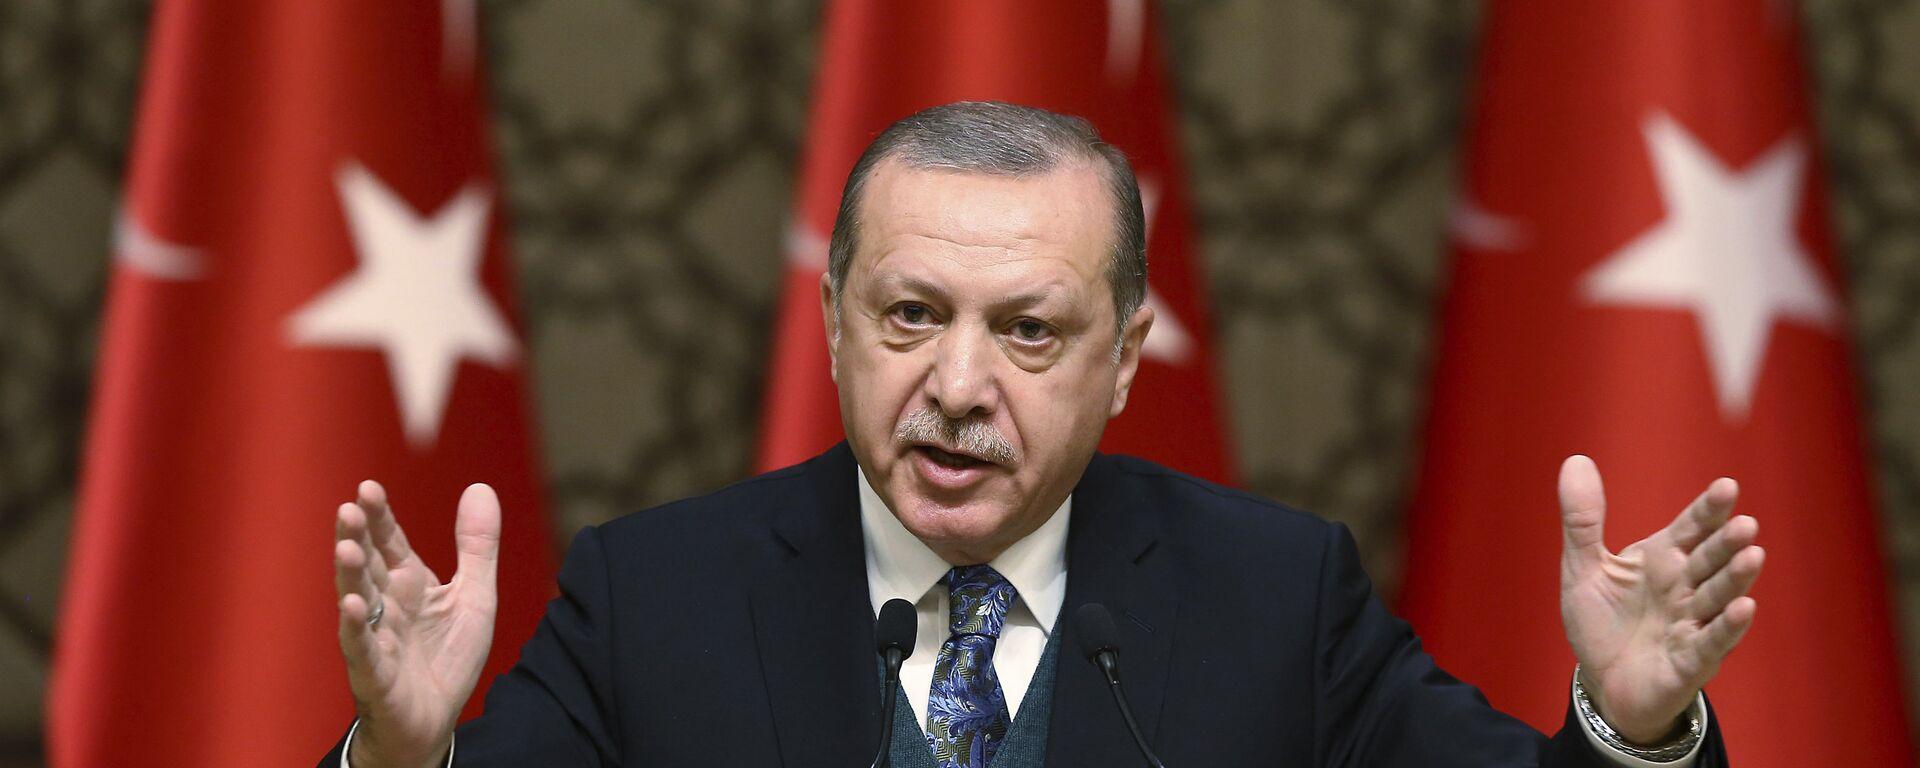 El presidente de Turquía, Recep Tayyip Erdogan, habla durante una ceremonia de premios culturales en Ankara, Turquía - Sputnik Mundo, 1920, 16.07.2020